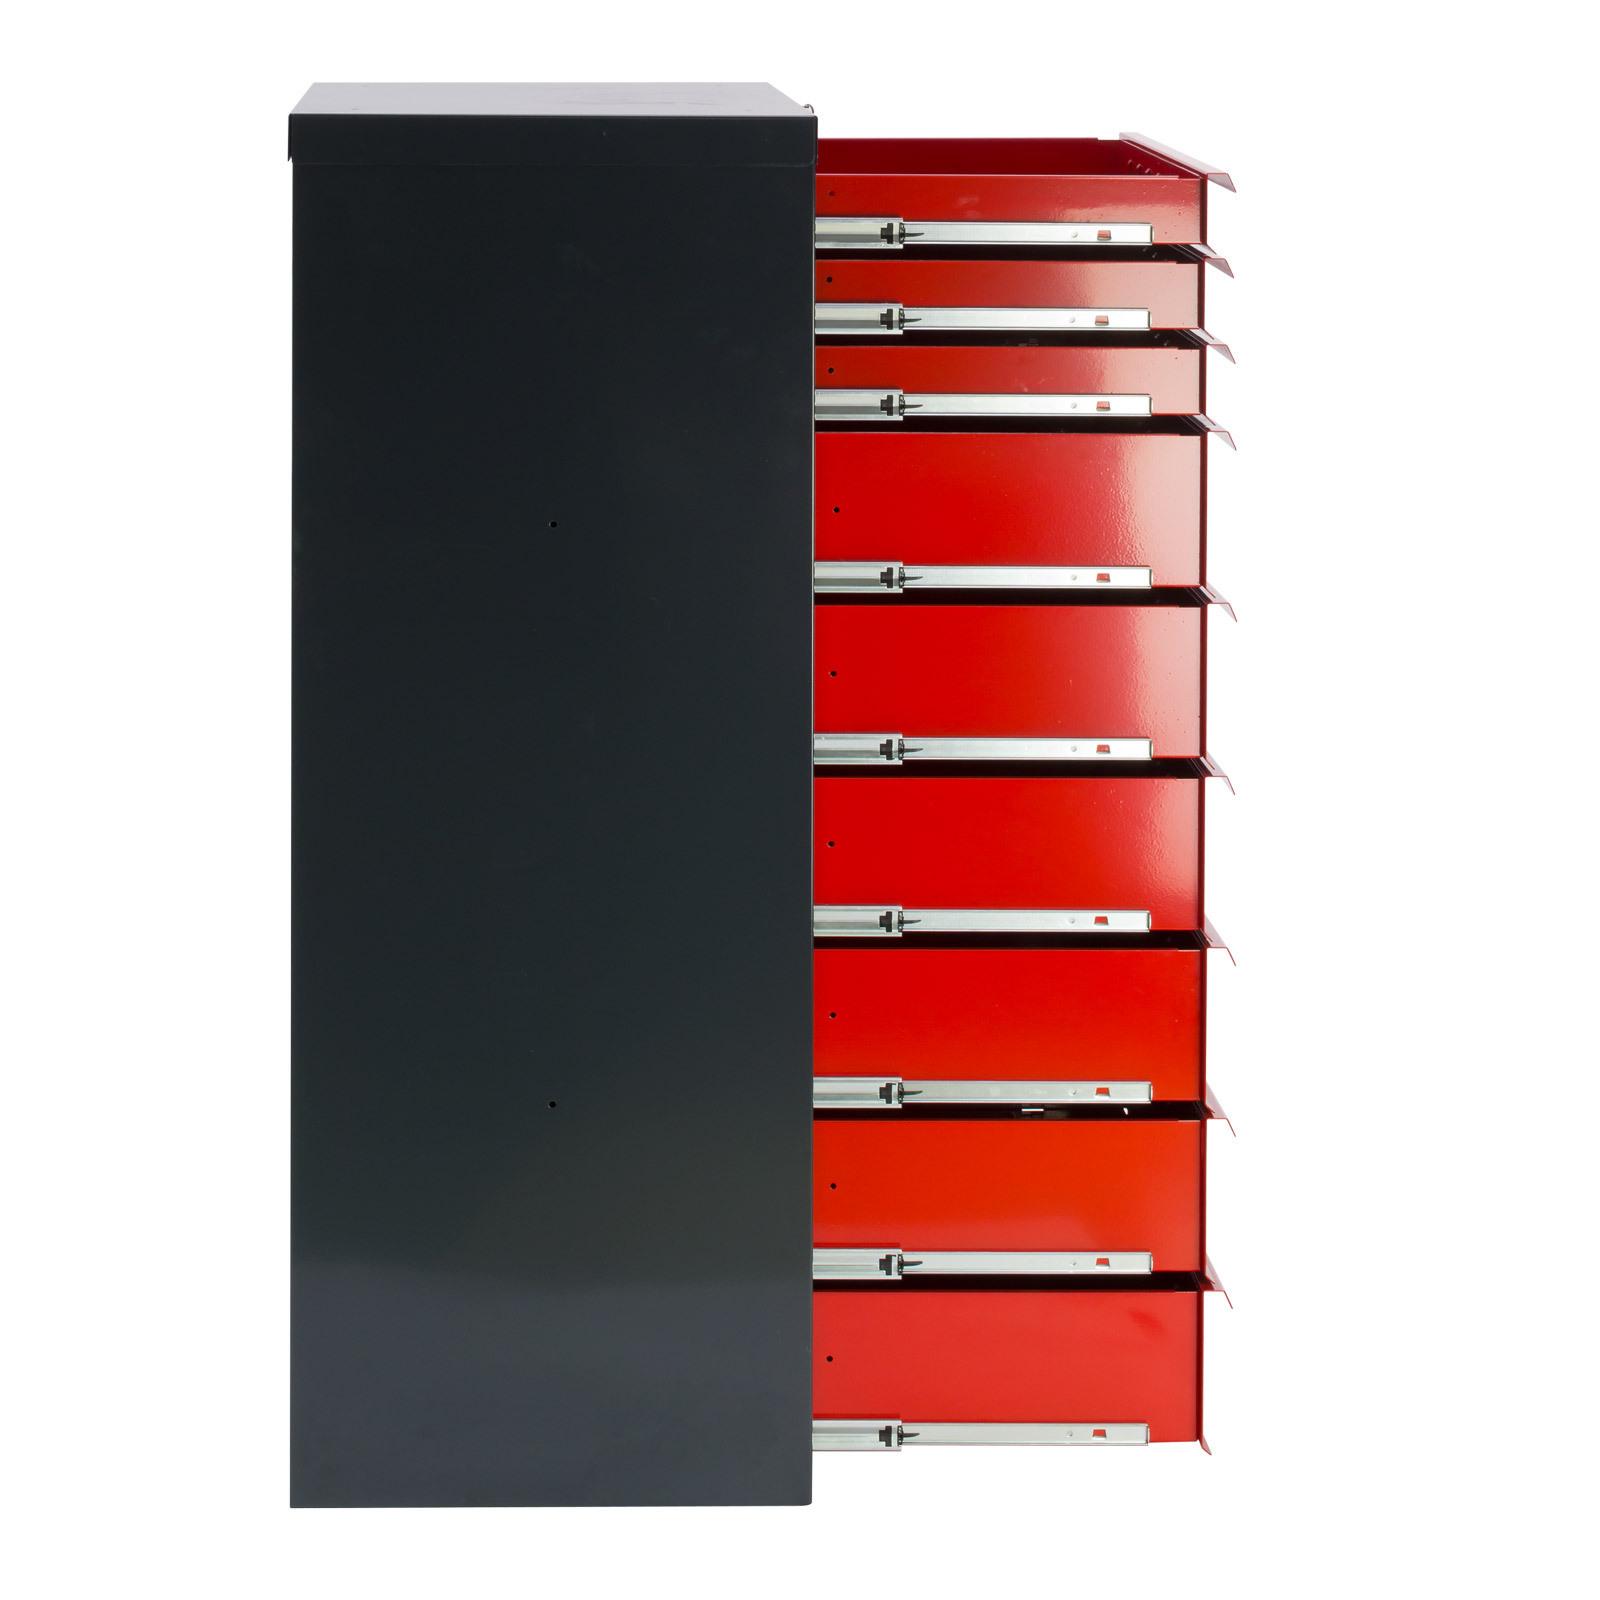 schubladenschrank werkzeugschrank werkstattschrank schrank fernando 9 schubladen ebay. Black Bedroom Furniture Sets. Home Design Ideas